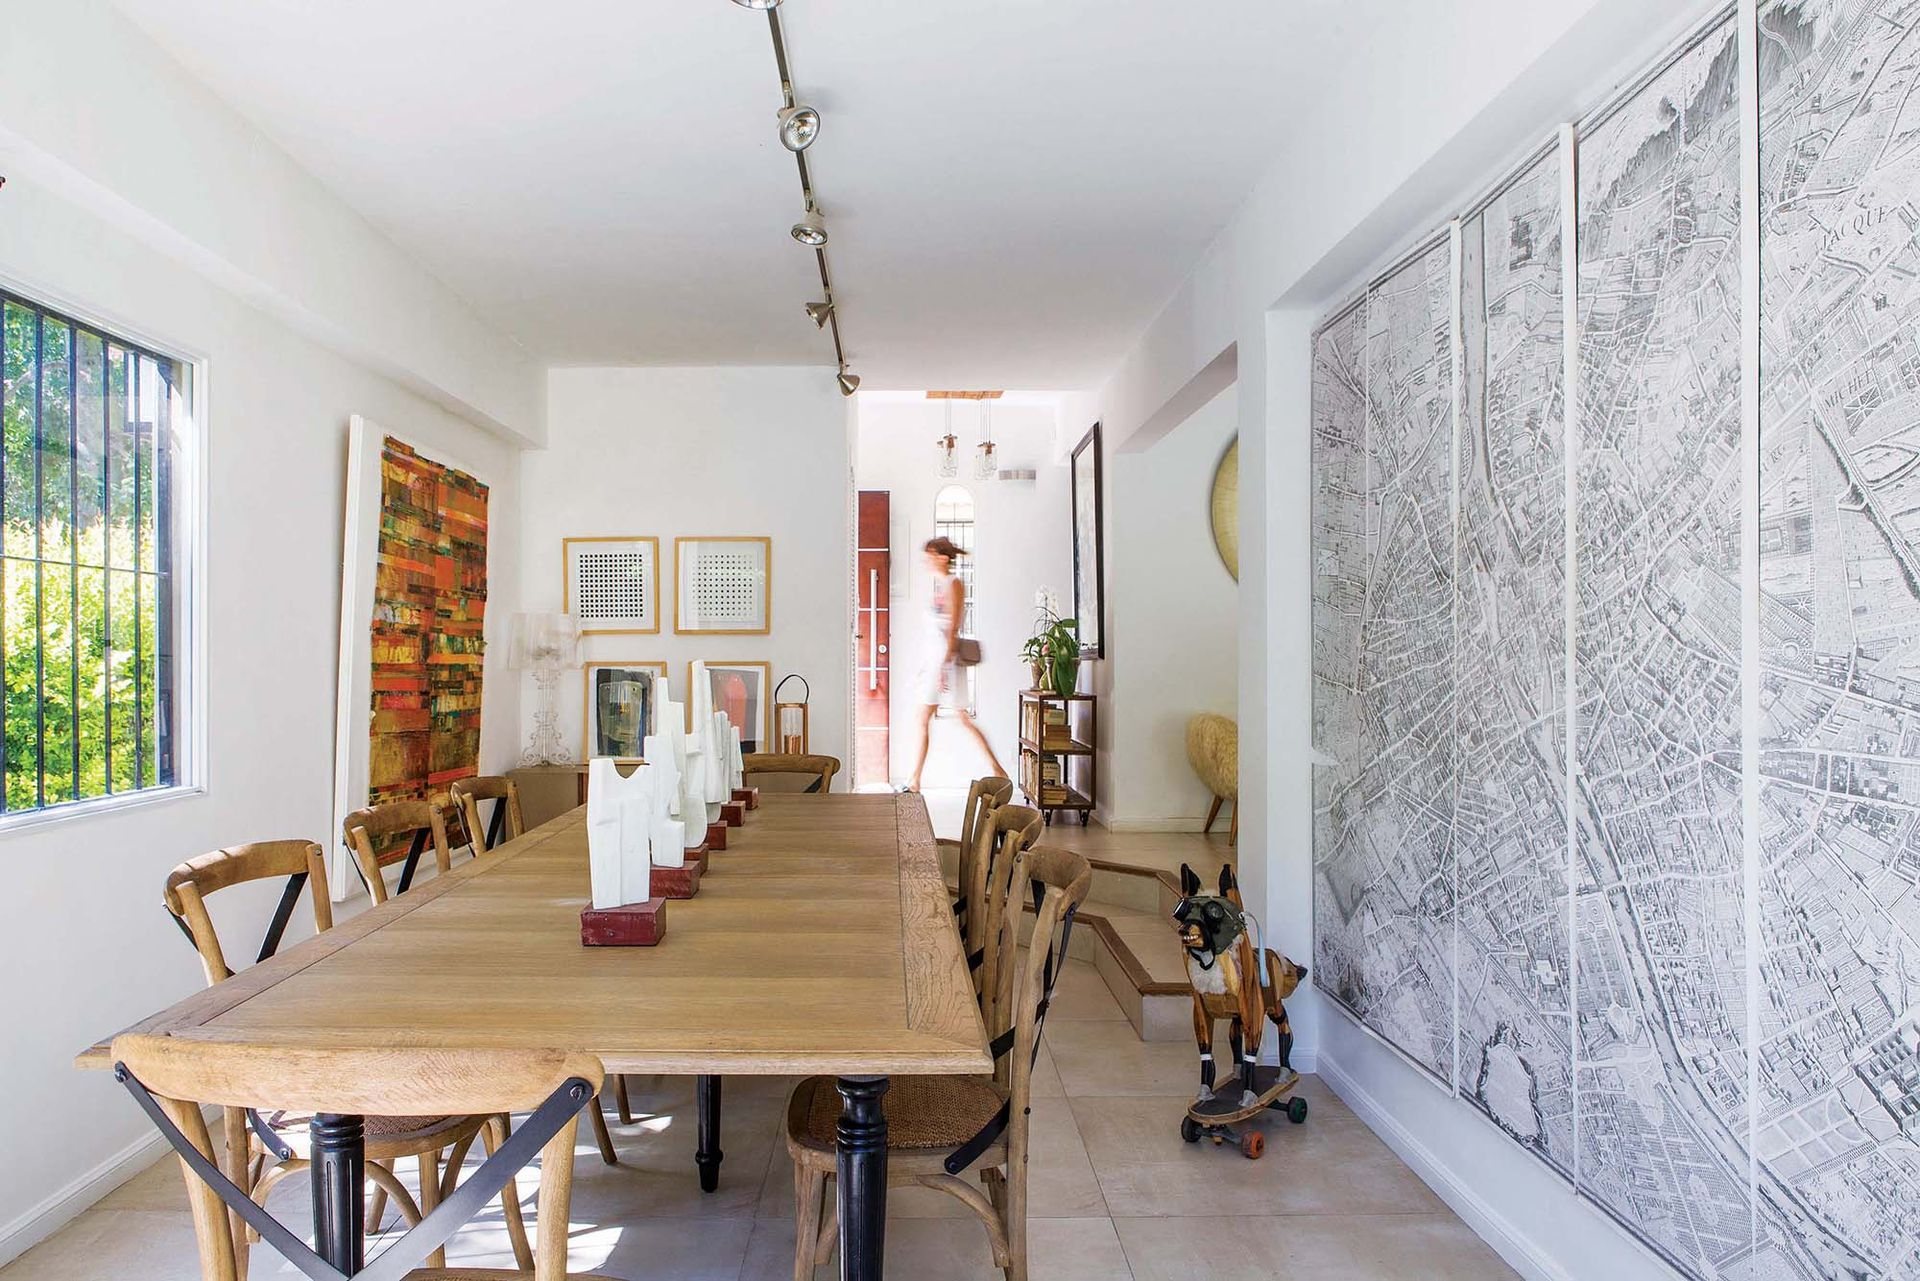 """Sobre la mesa, esculturas de la serie """"Ajedrez"""", de Valeria Budassof. En el piso, """"Zorro enmascarado"""", de David Klauser. Daguerrotipo políptico de un mapa histórico de París (Harturo)."""